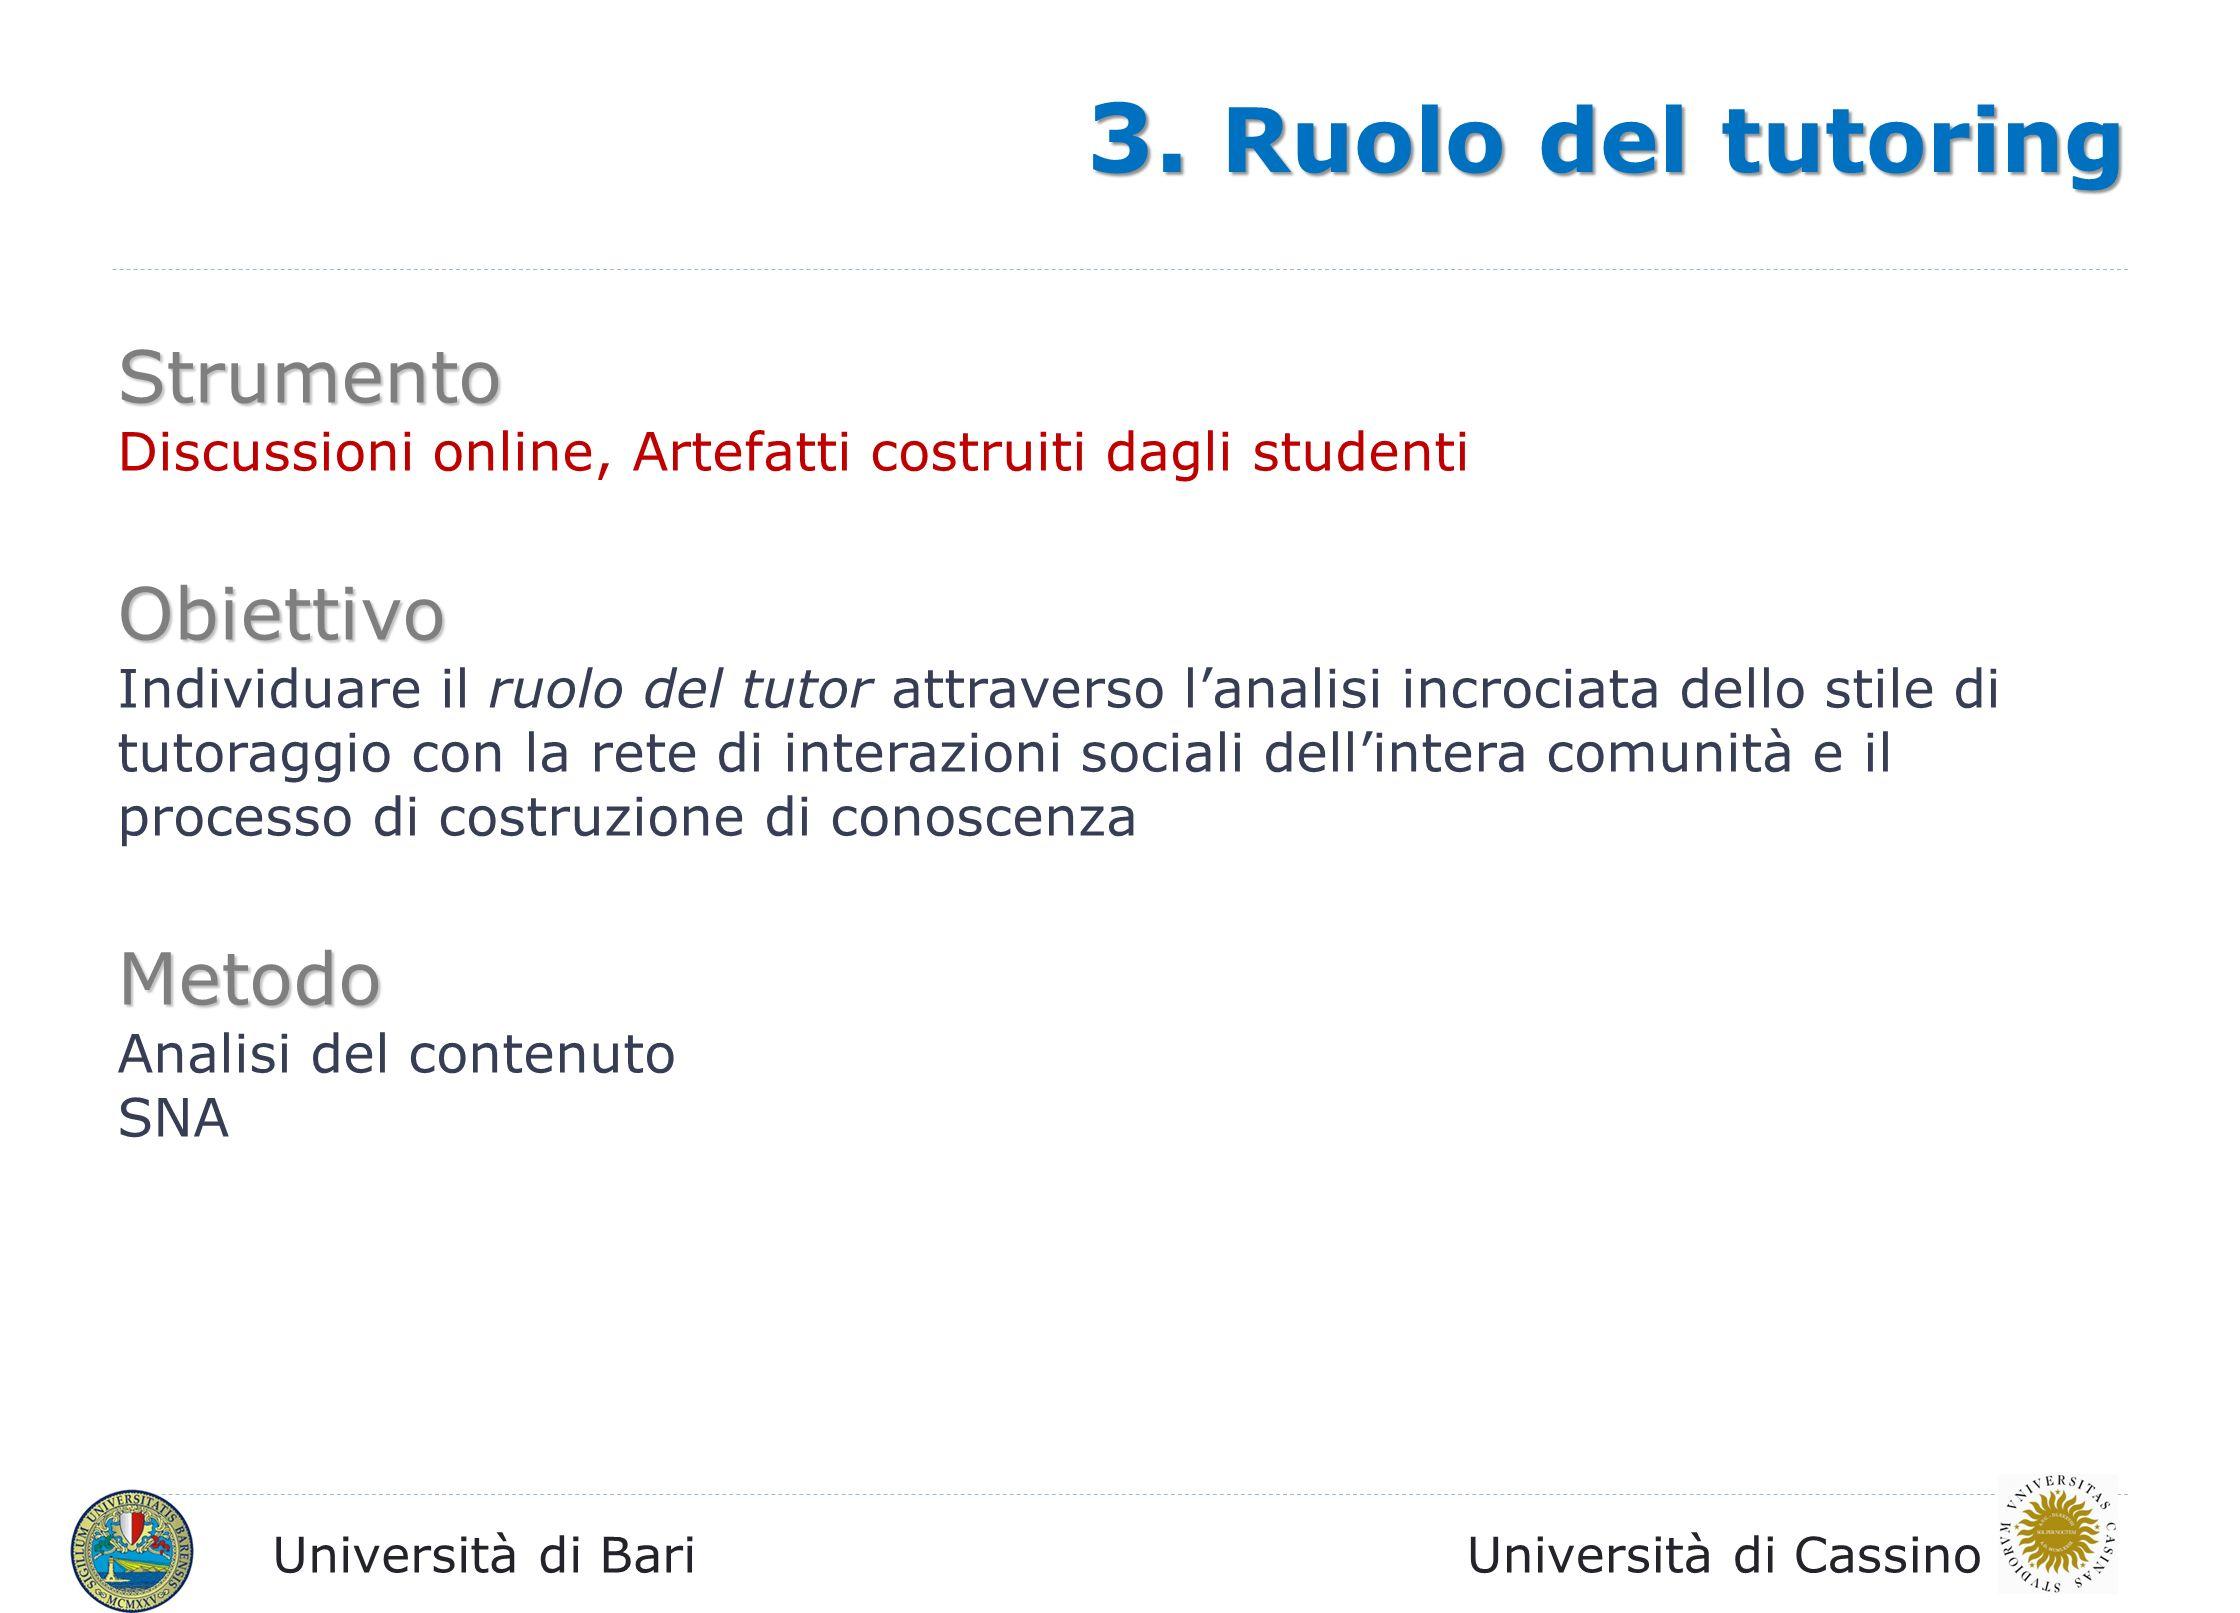 Università di BariUniversità di Cassino Strumento Discussioni online, Artefatti costruiti dagli studenti, questionari finali Obiettivo Impatto di una progettazione mirata rispetto alla connessione tra attività online/offline.